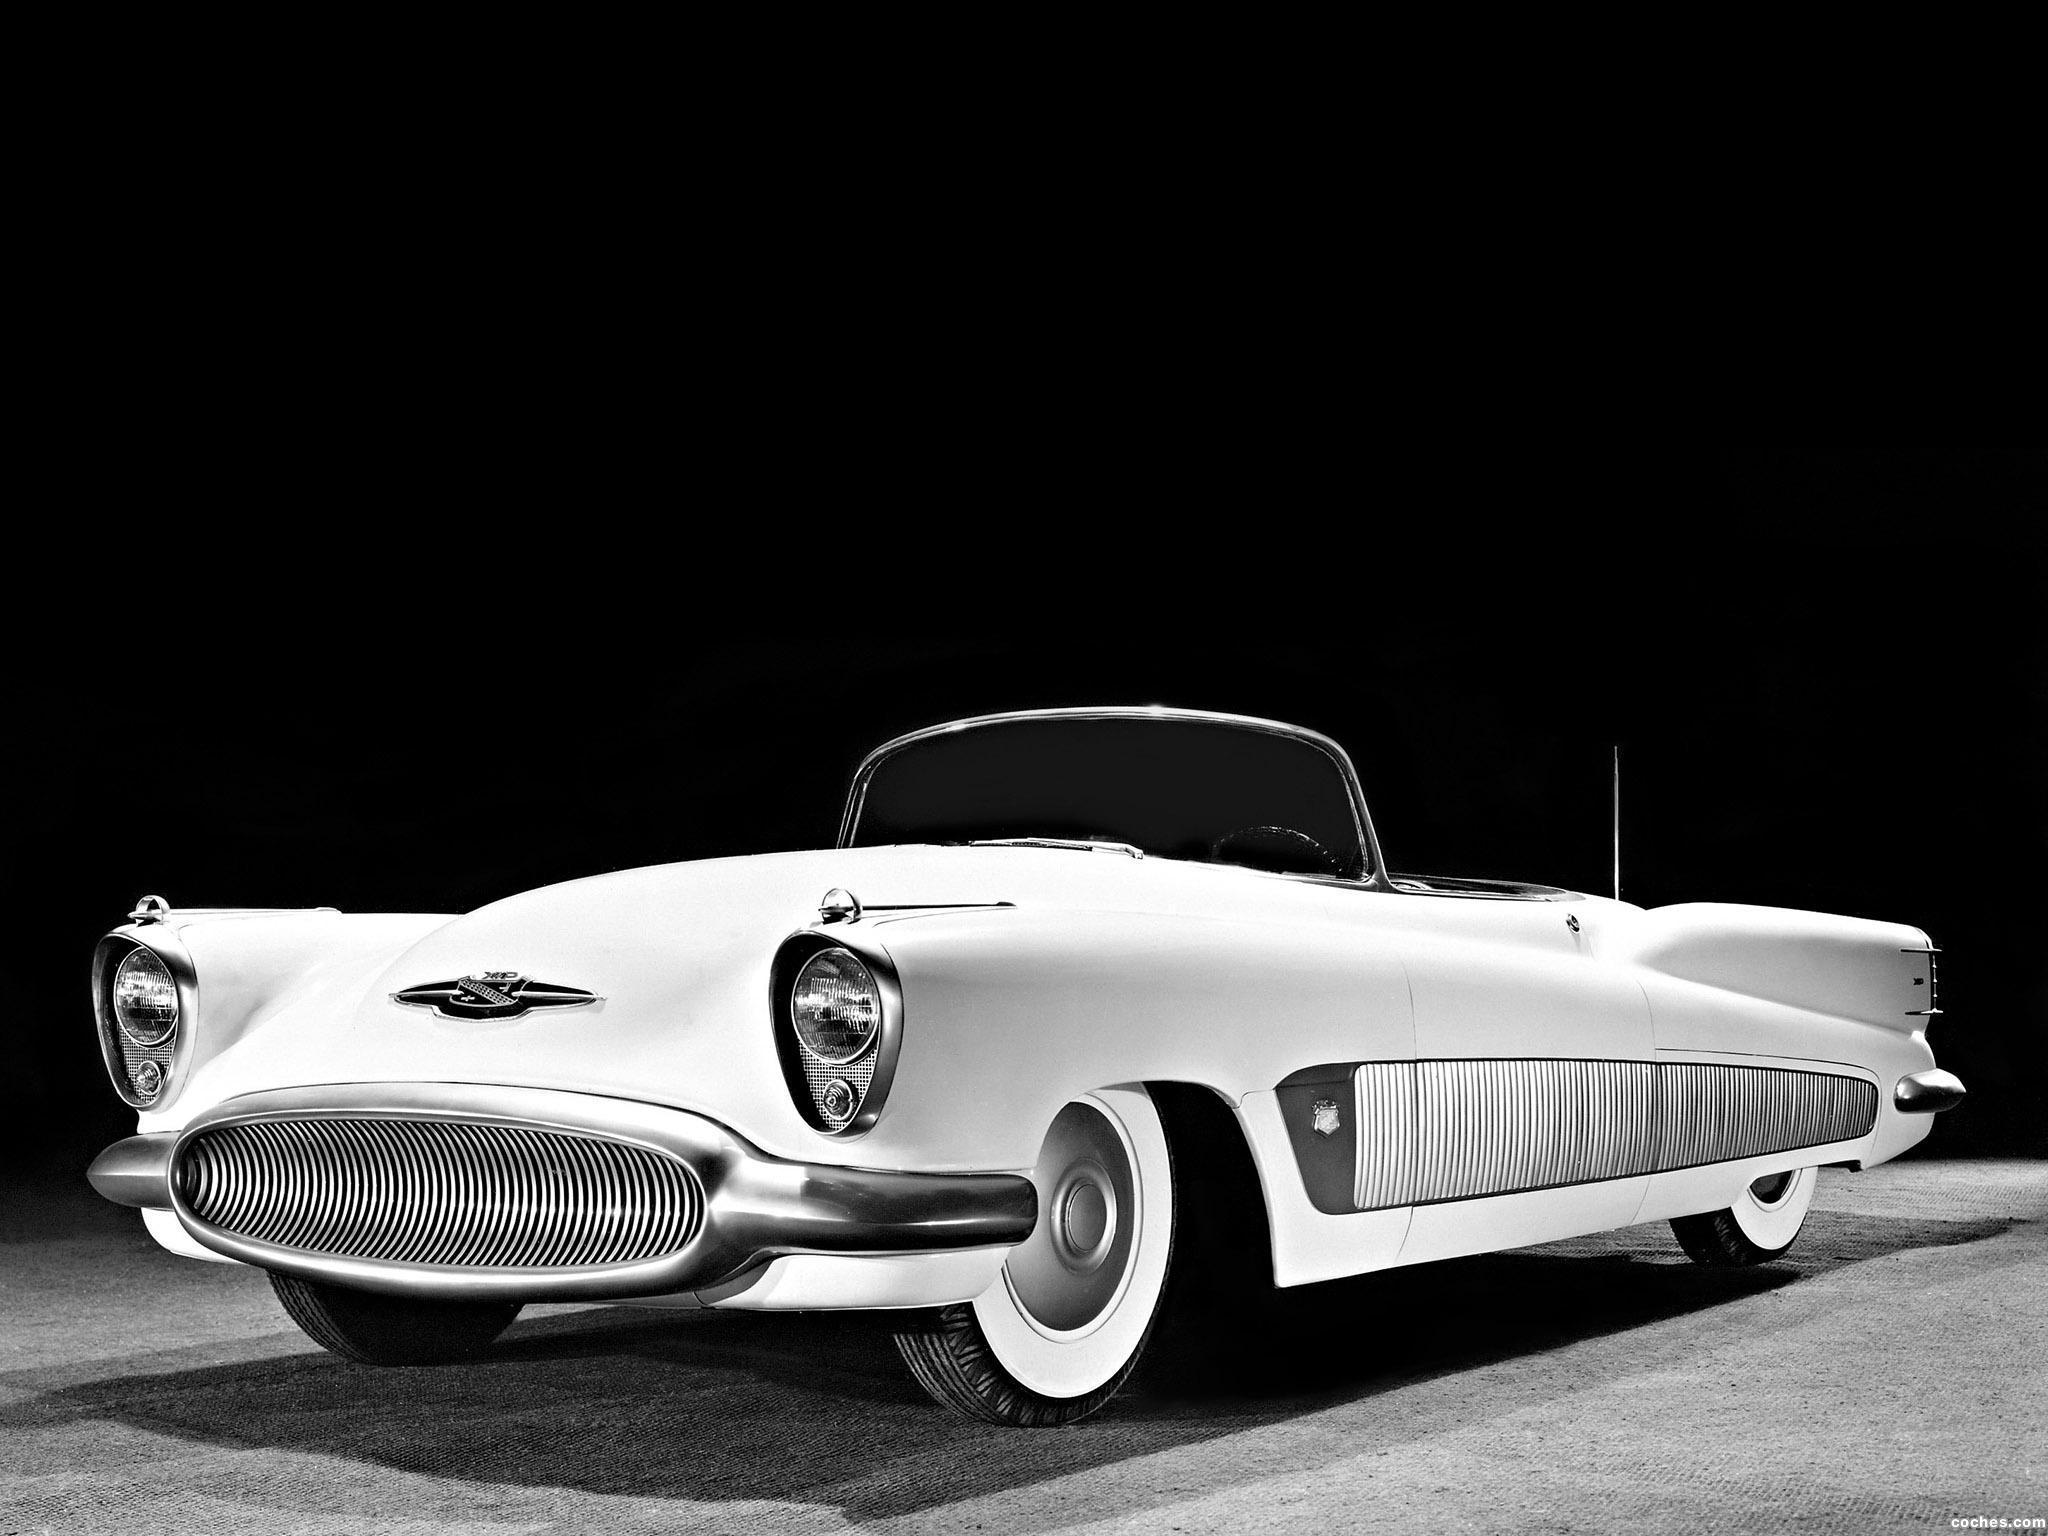 Foto 0 de Buick XP-300 Concept Car 1951